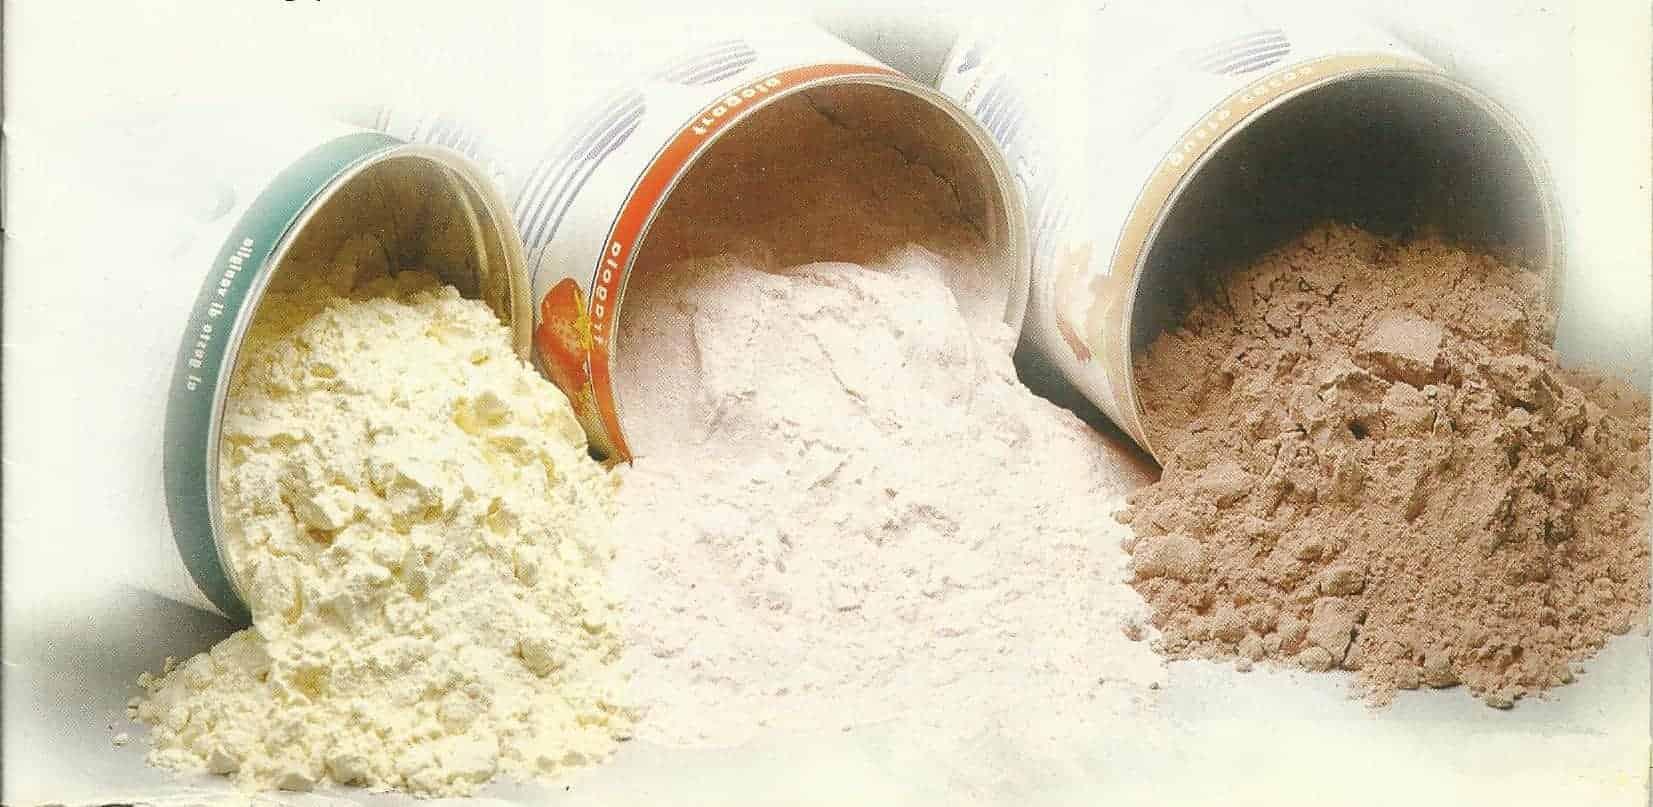 Proteine in polvere: istruzioni per l'uso